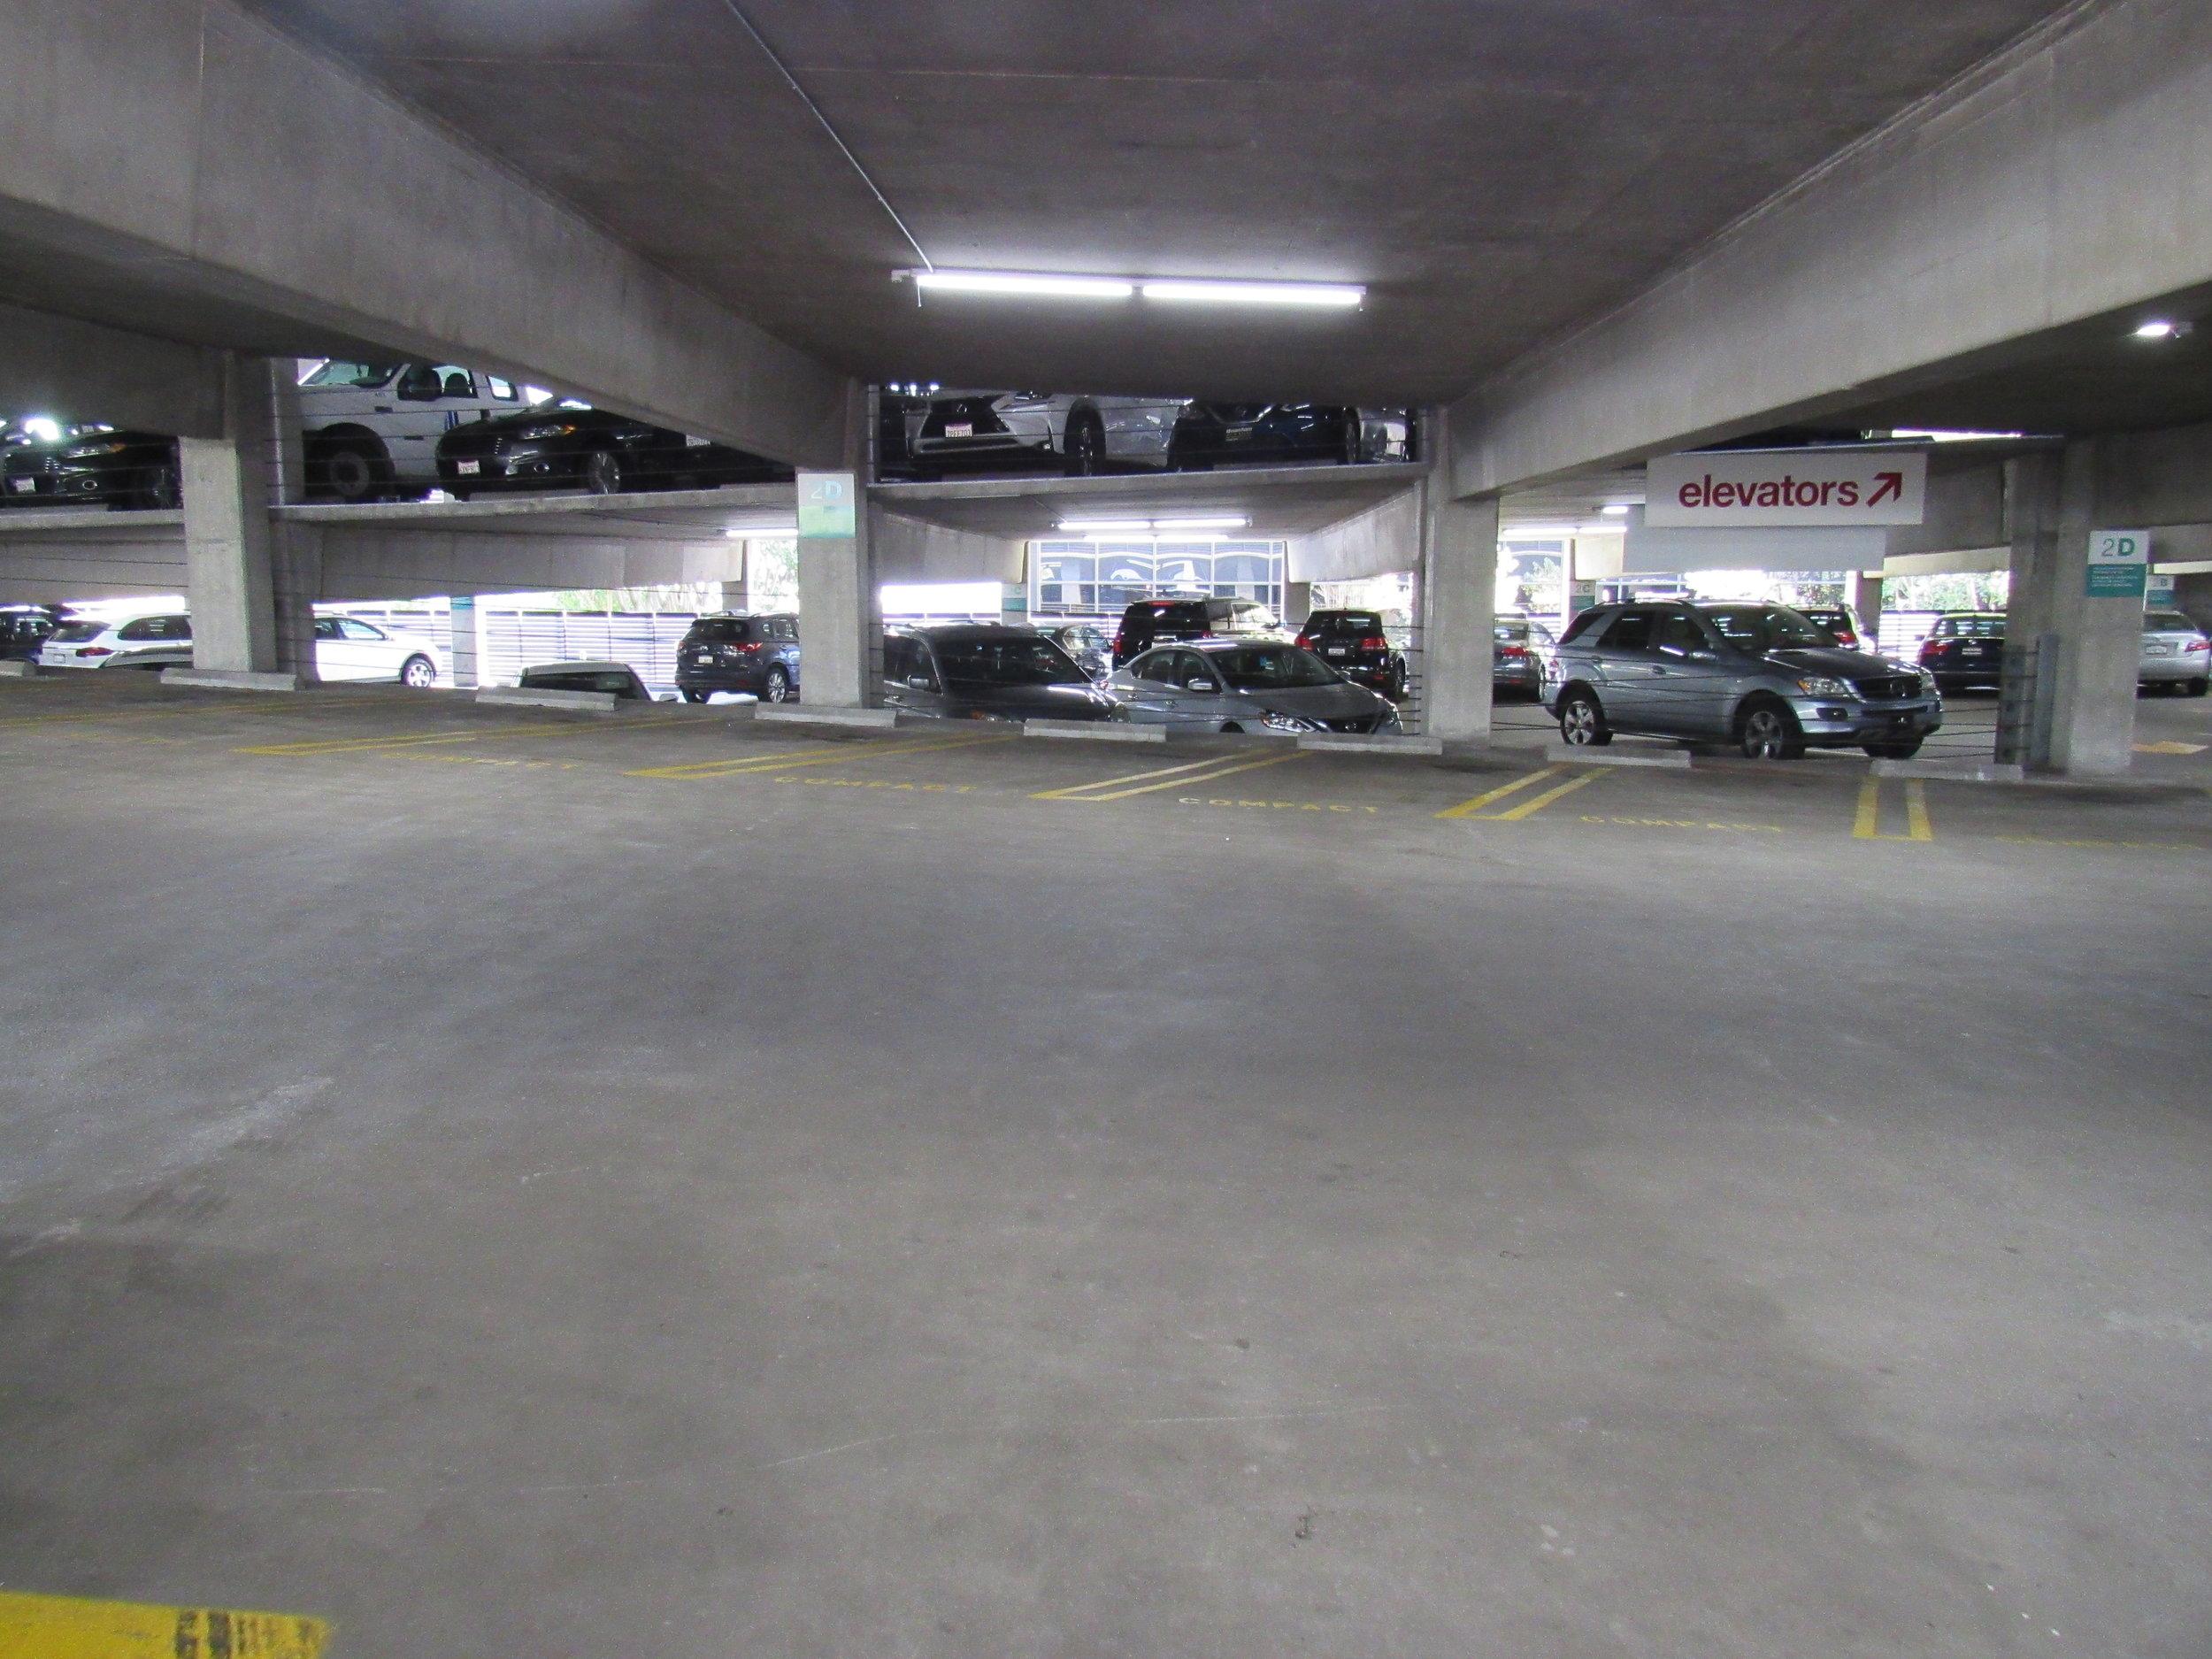 Parking Garage: After